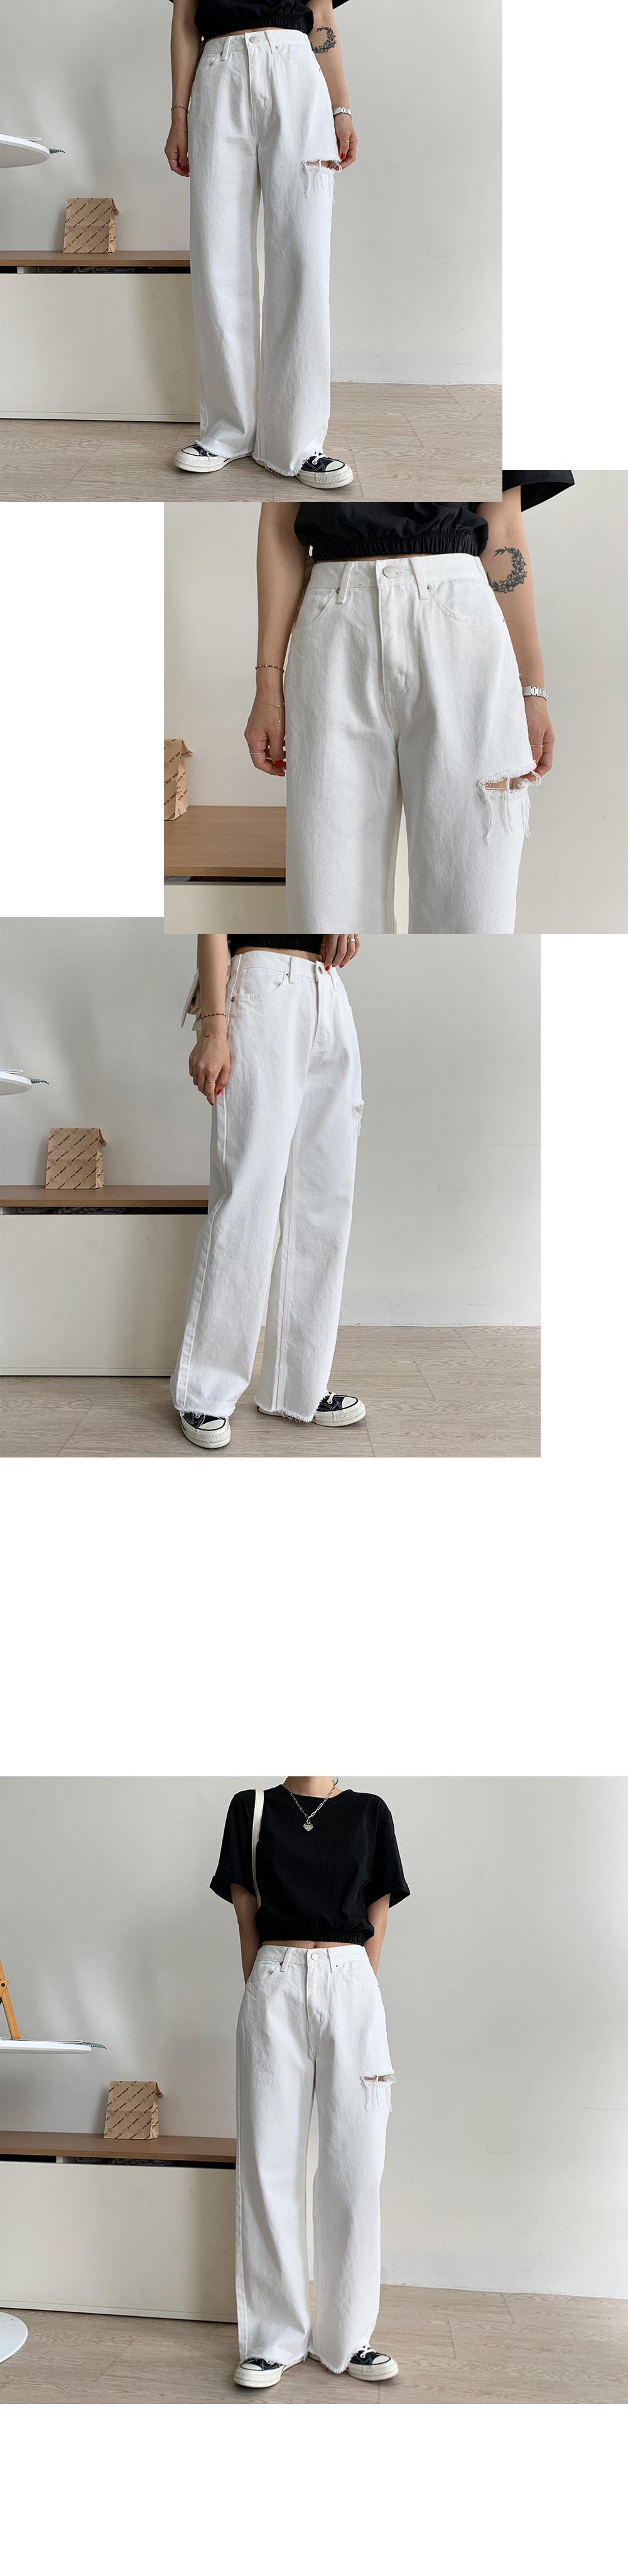 Unique side open wide pants